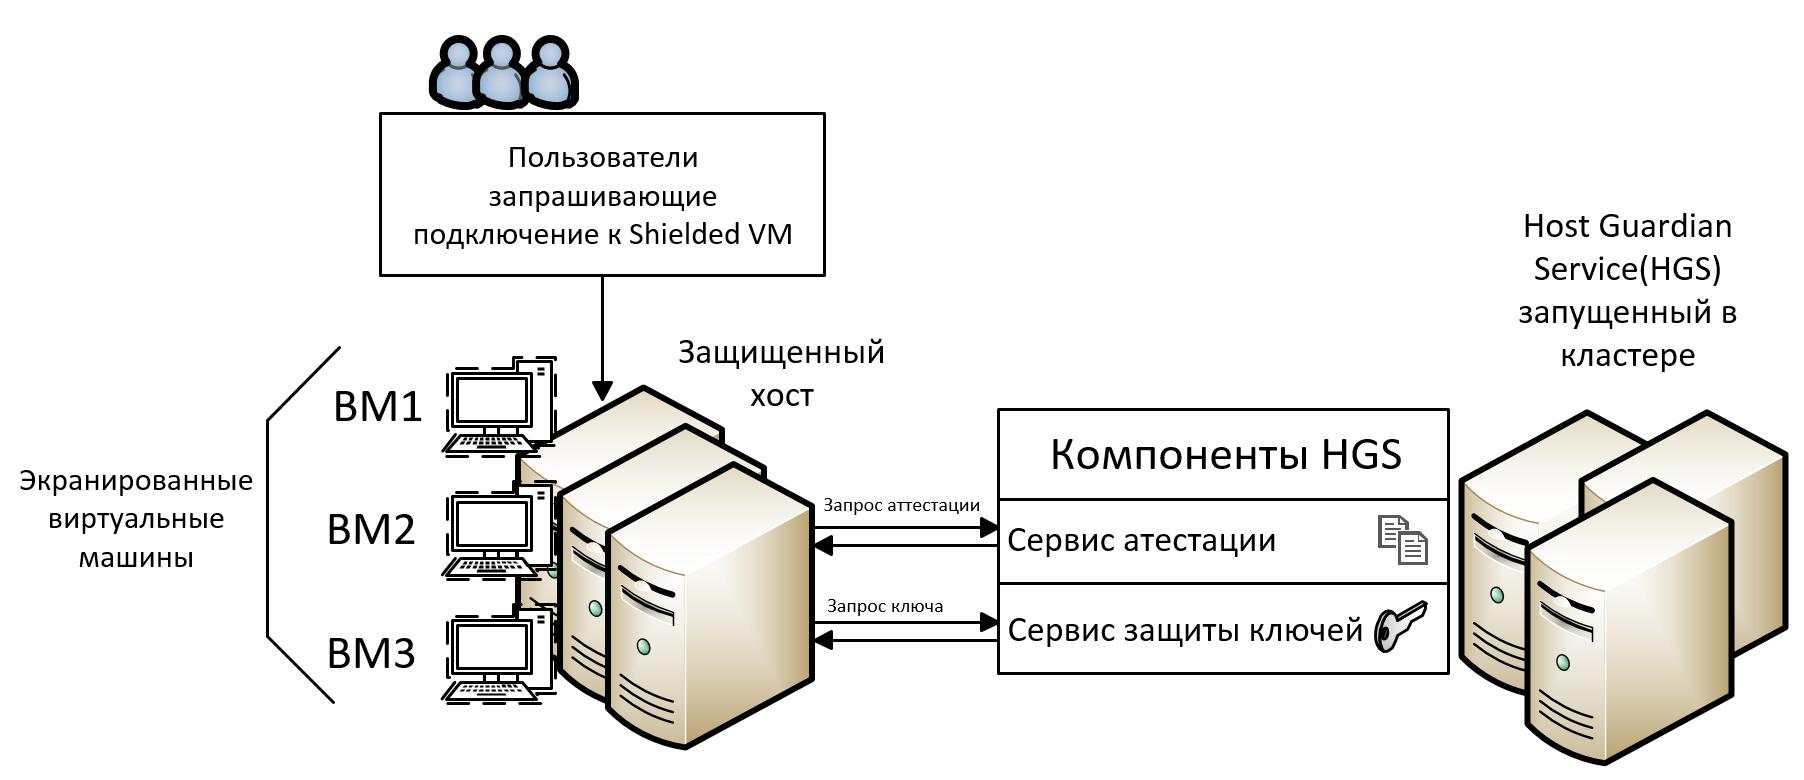 Схема работы HGS